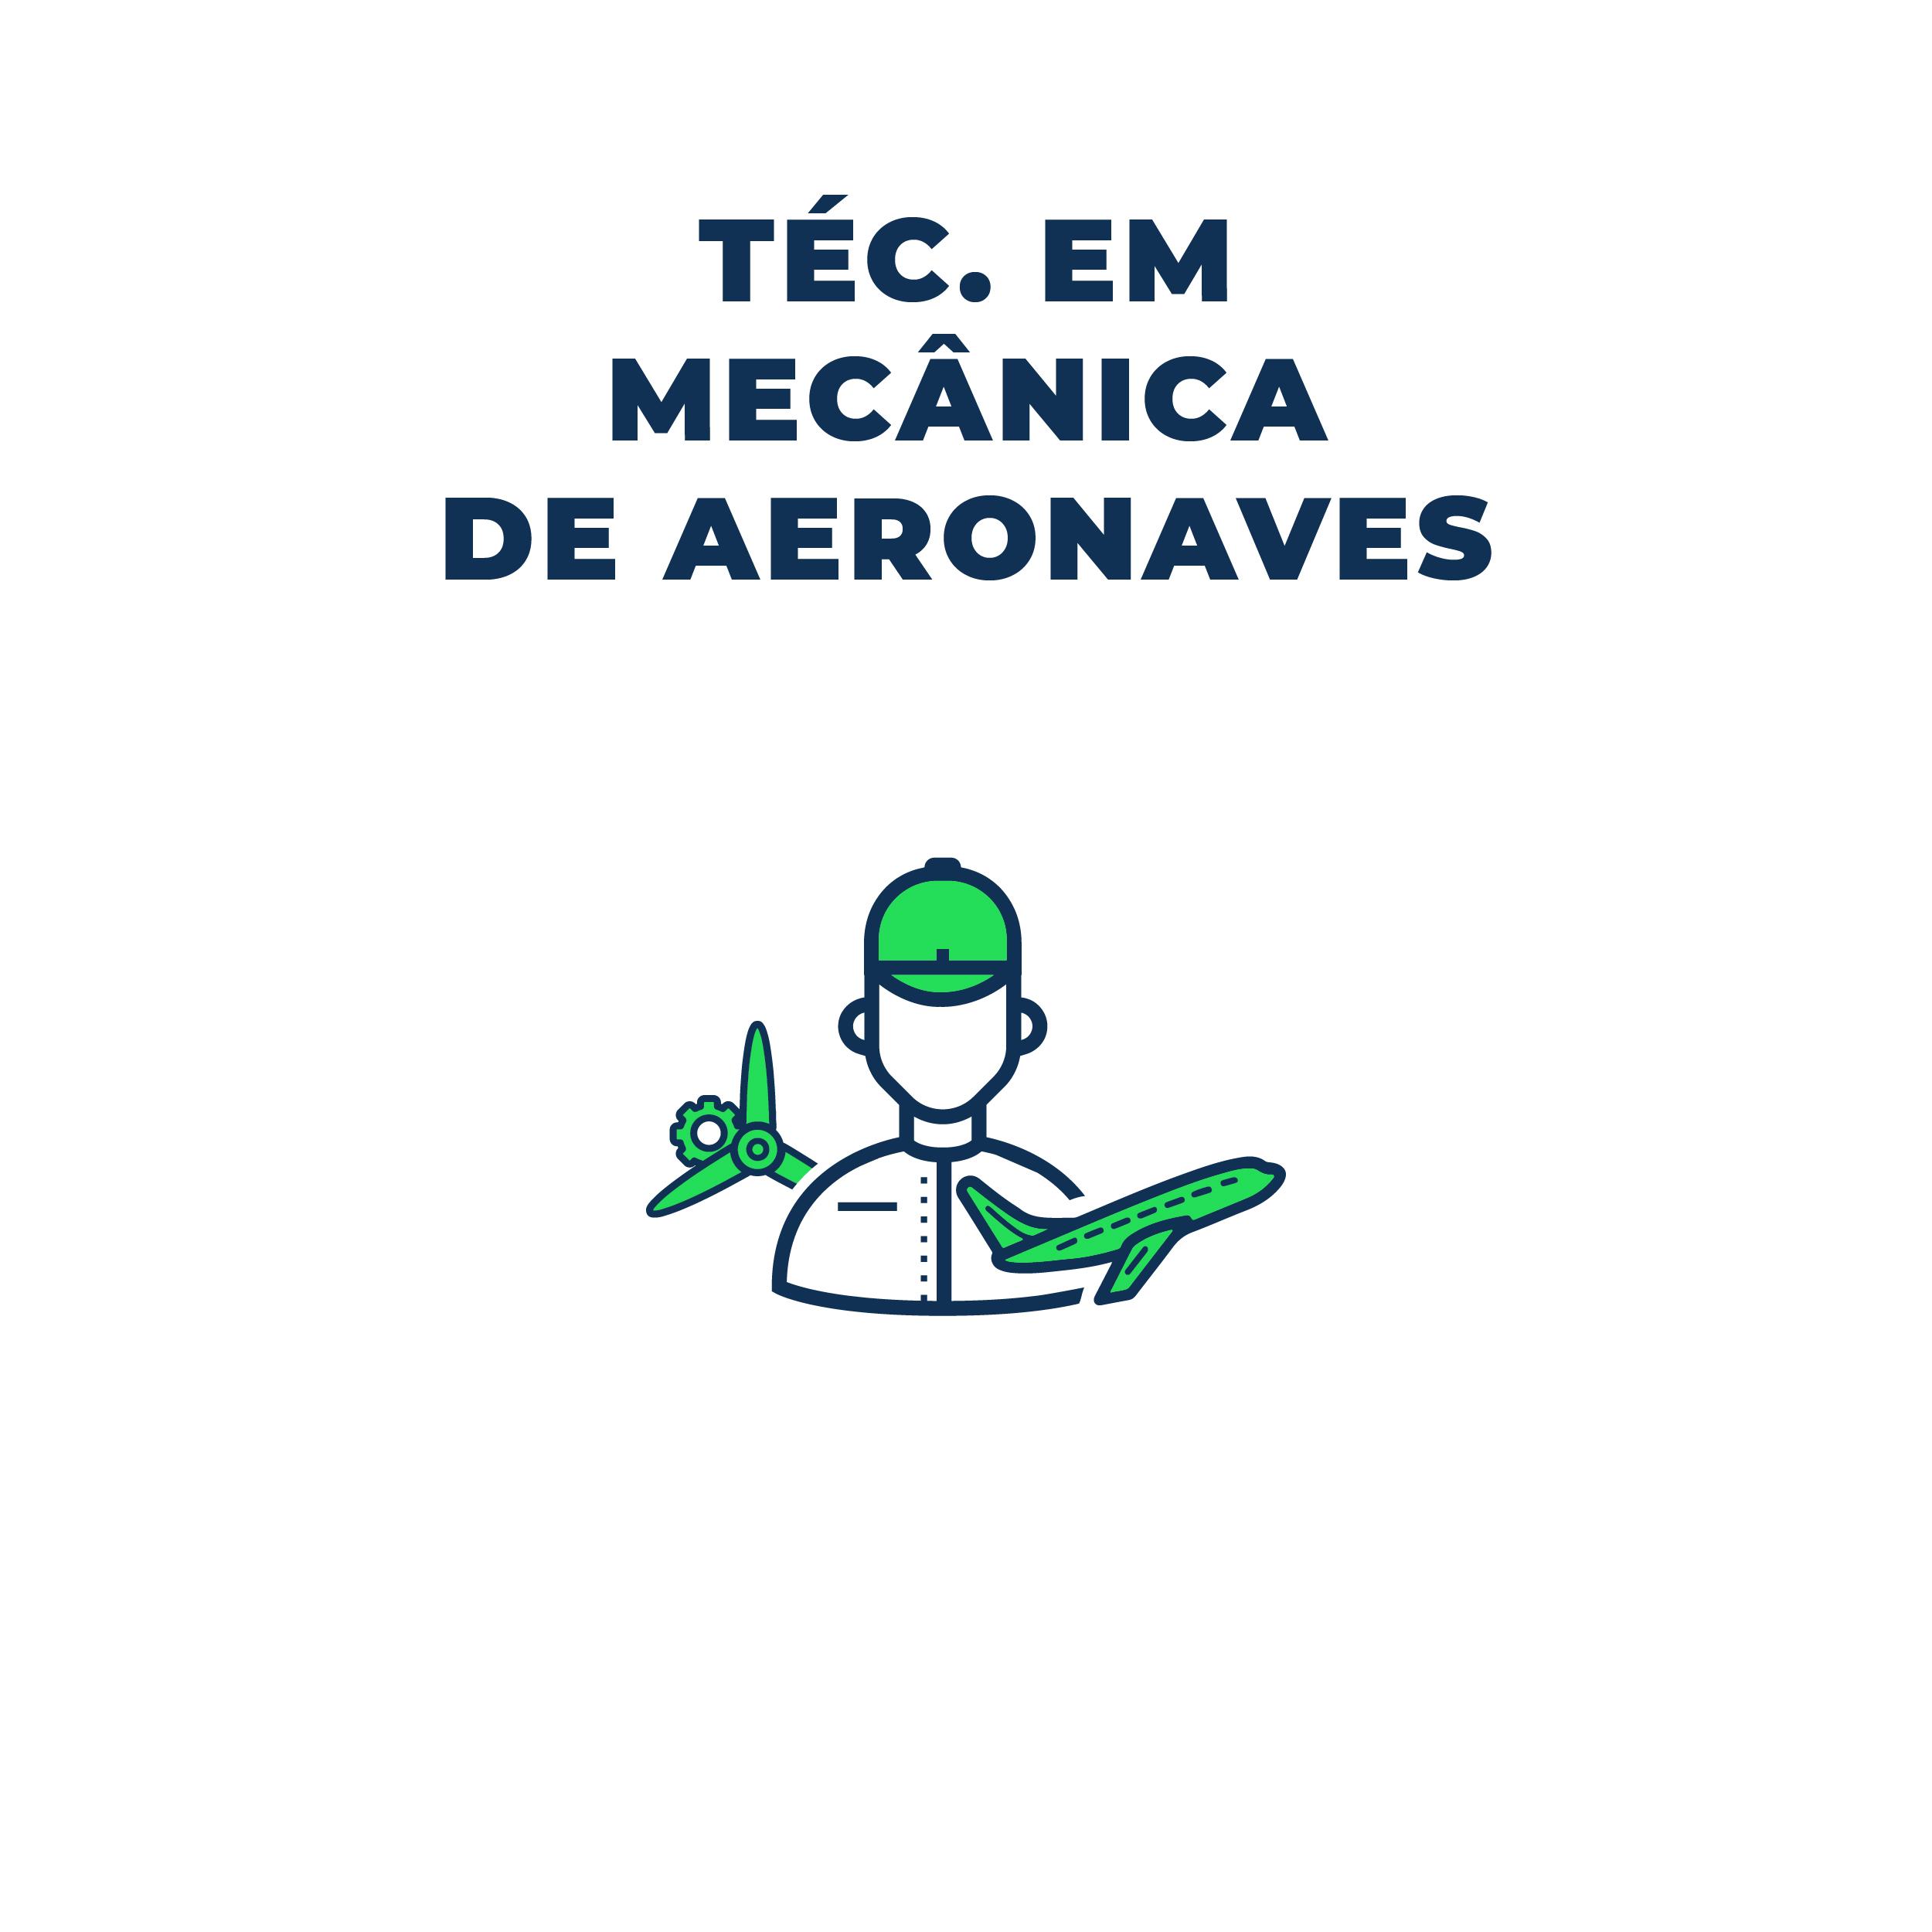 mecanica de aeronaves